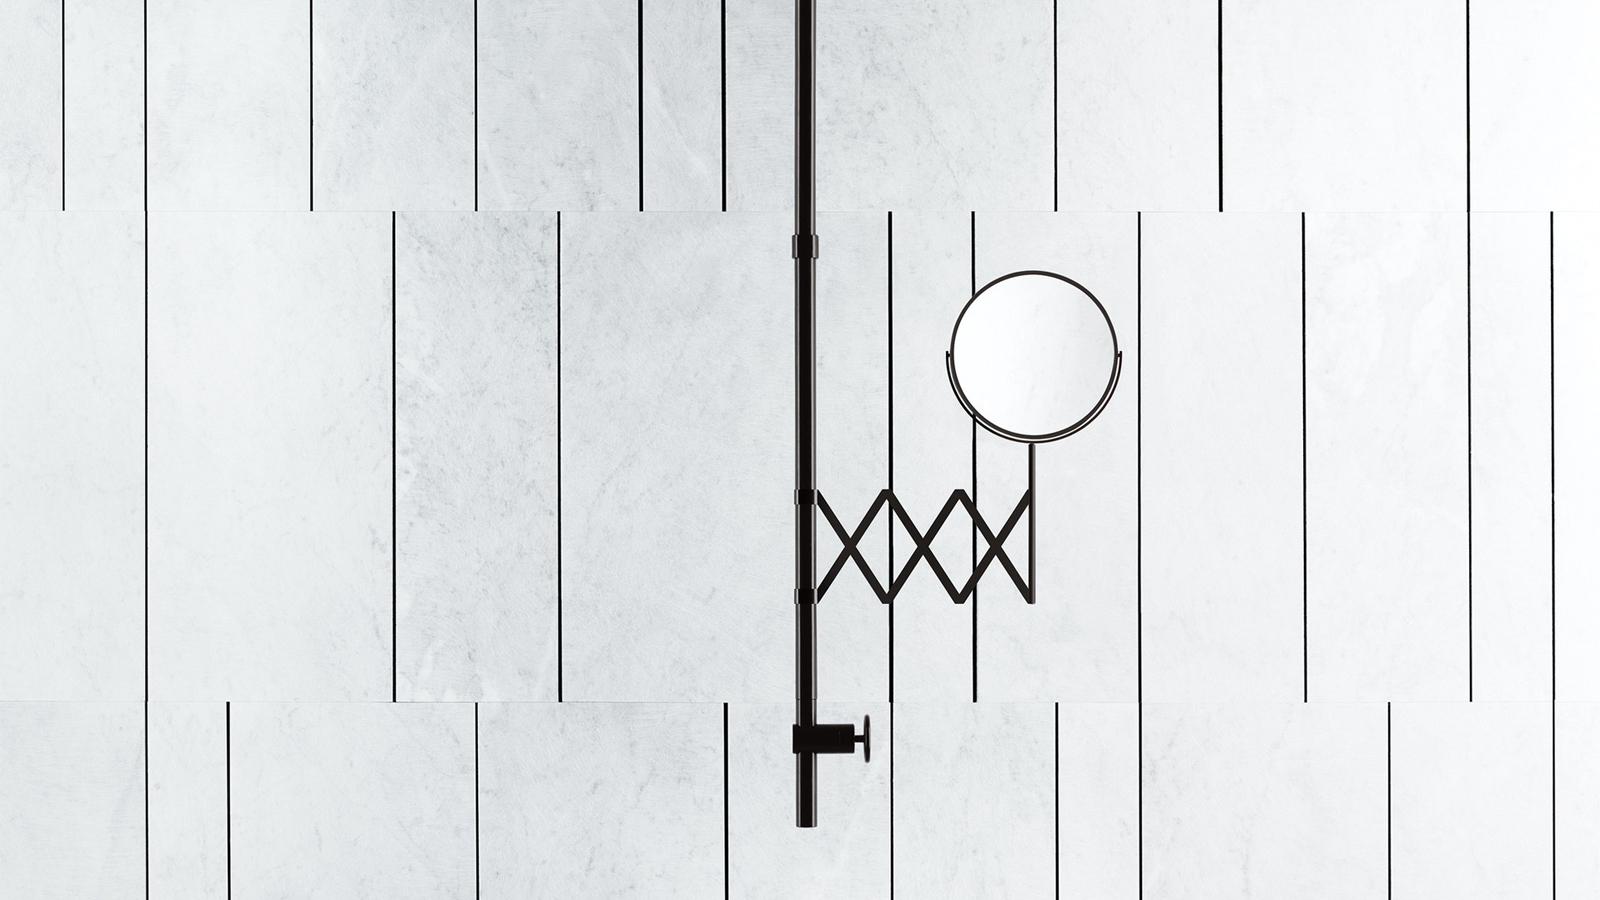 A Salvatori burkolatgyártó és a Fantini csaptelepgyár együttműködéséből született Fontane Bianche sorozat esetében az archetipikus formákat csupaszította le modern, minimalista geometriai jelekké Elisa Ossino formatervező. A végeredmény egy már-már nem is észrevehető szerelvénysorozat, mely visszafogottságával, szerénységével szinte teljesen háttérbe vonul és ezáltal a fürdőszoba többi részletére irányítja figyelmünket.